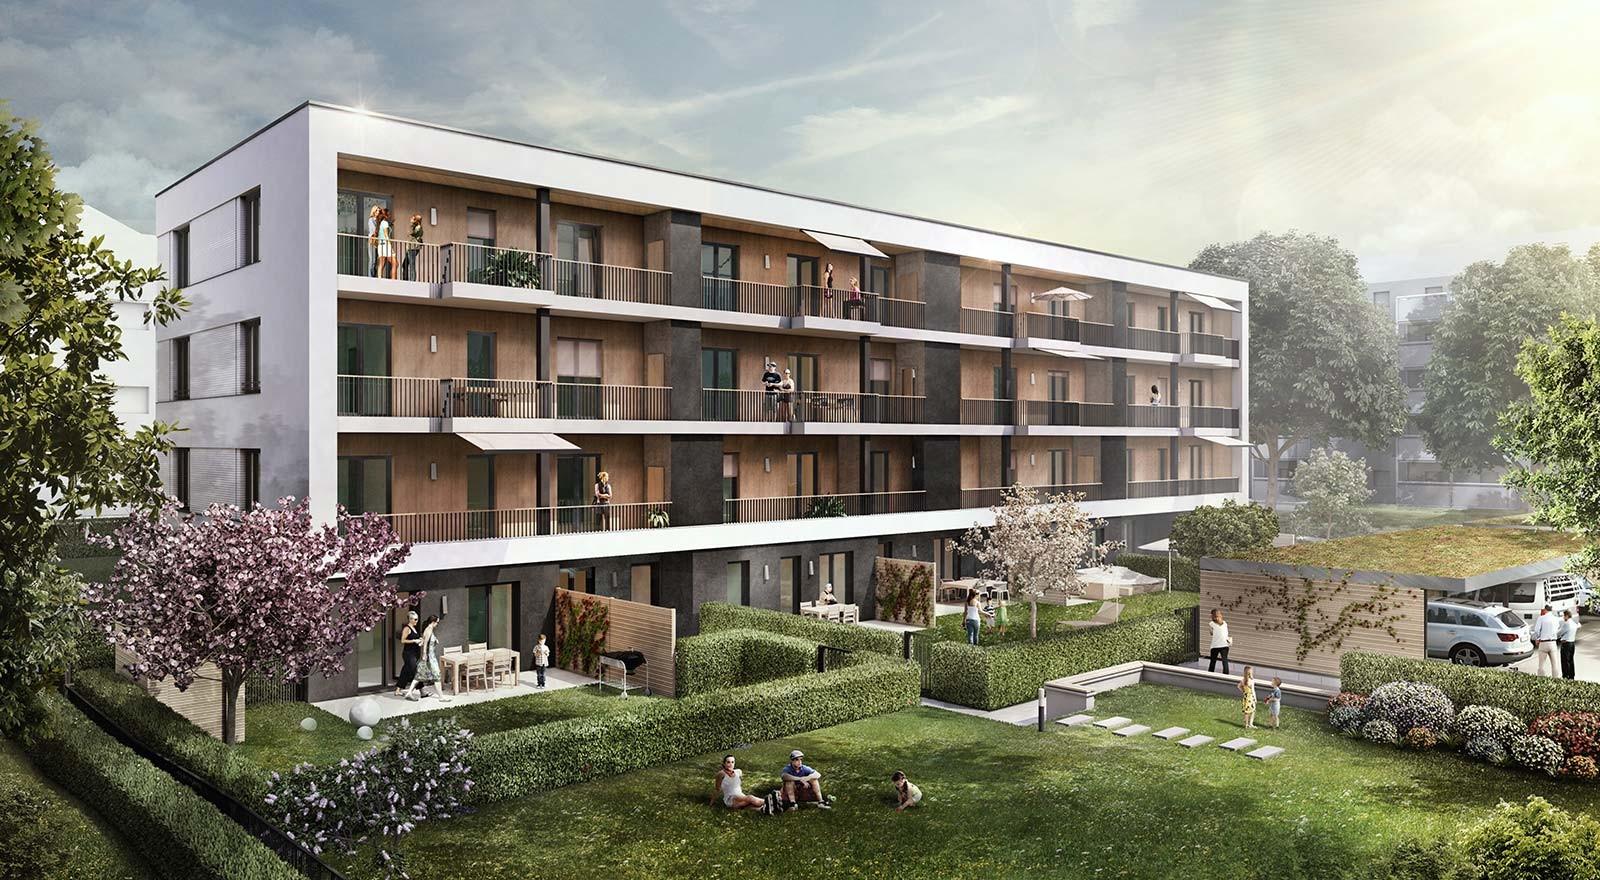 Magdeburg Architektur architekturvisualisierung außenbereich qualität visualimpression